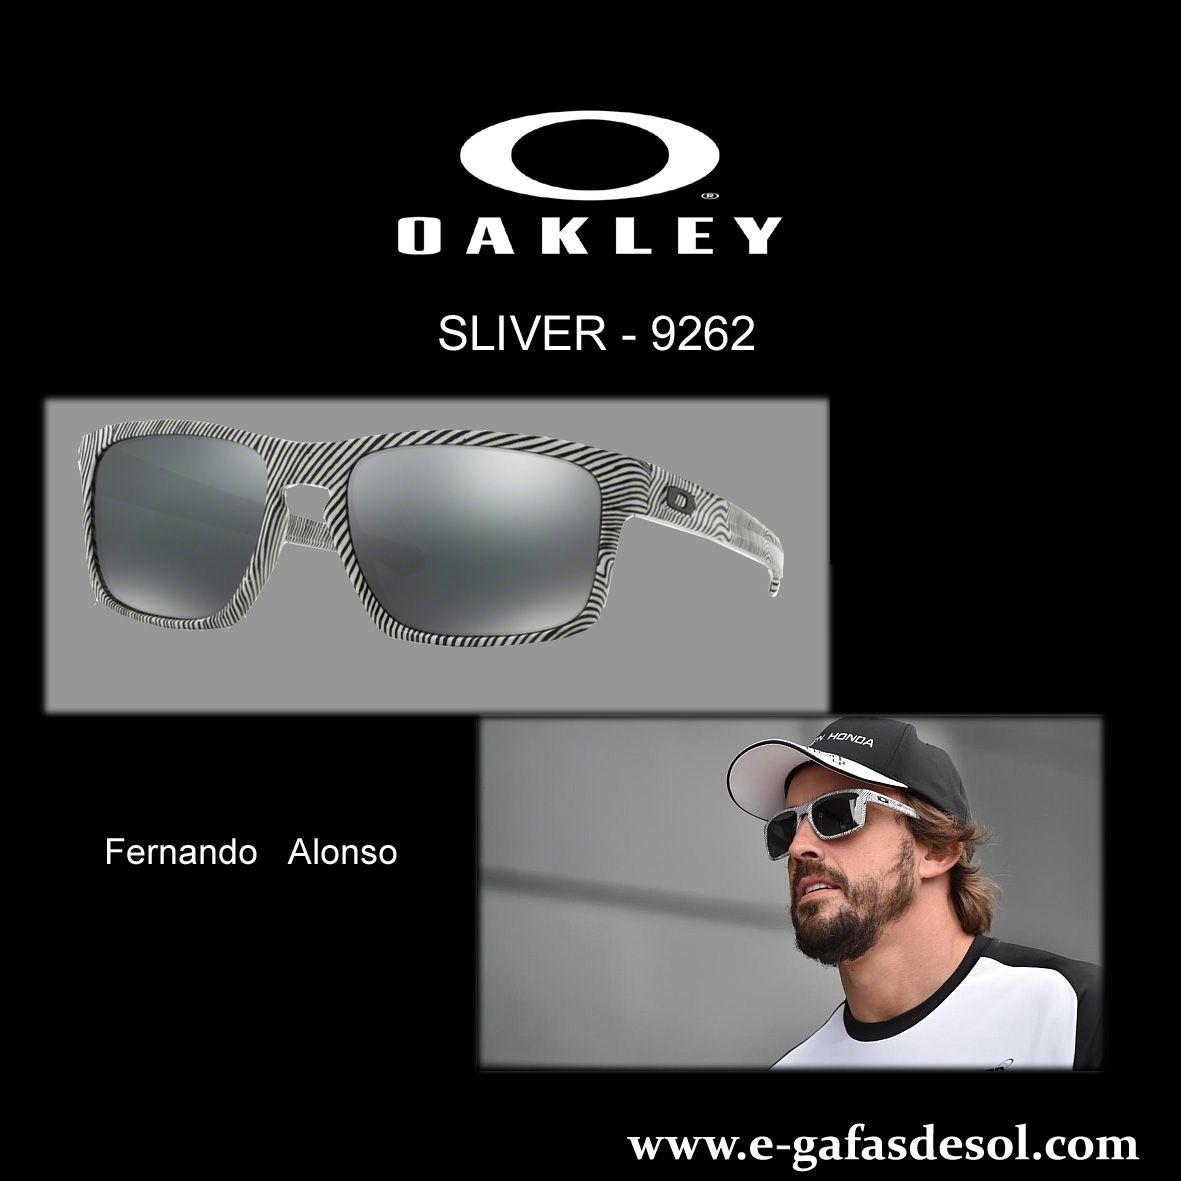 9fffb6b42f Fernando Alonso luciendo unas gafas de sol OAKLEY Sliver 9262 en uno de los  últimos colores